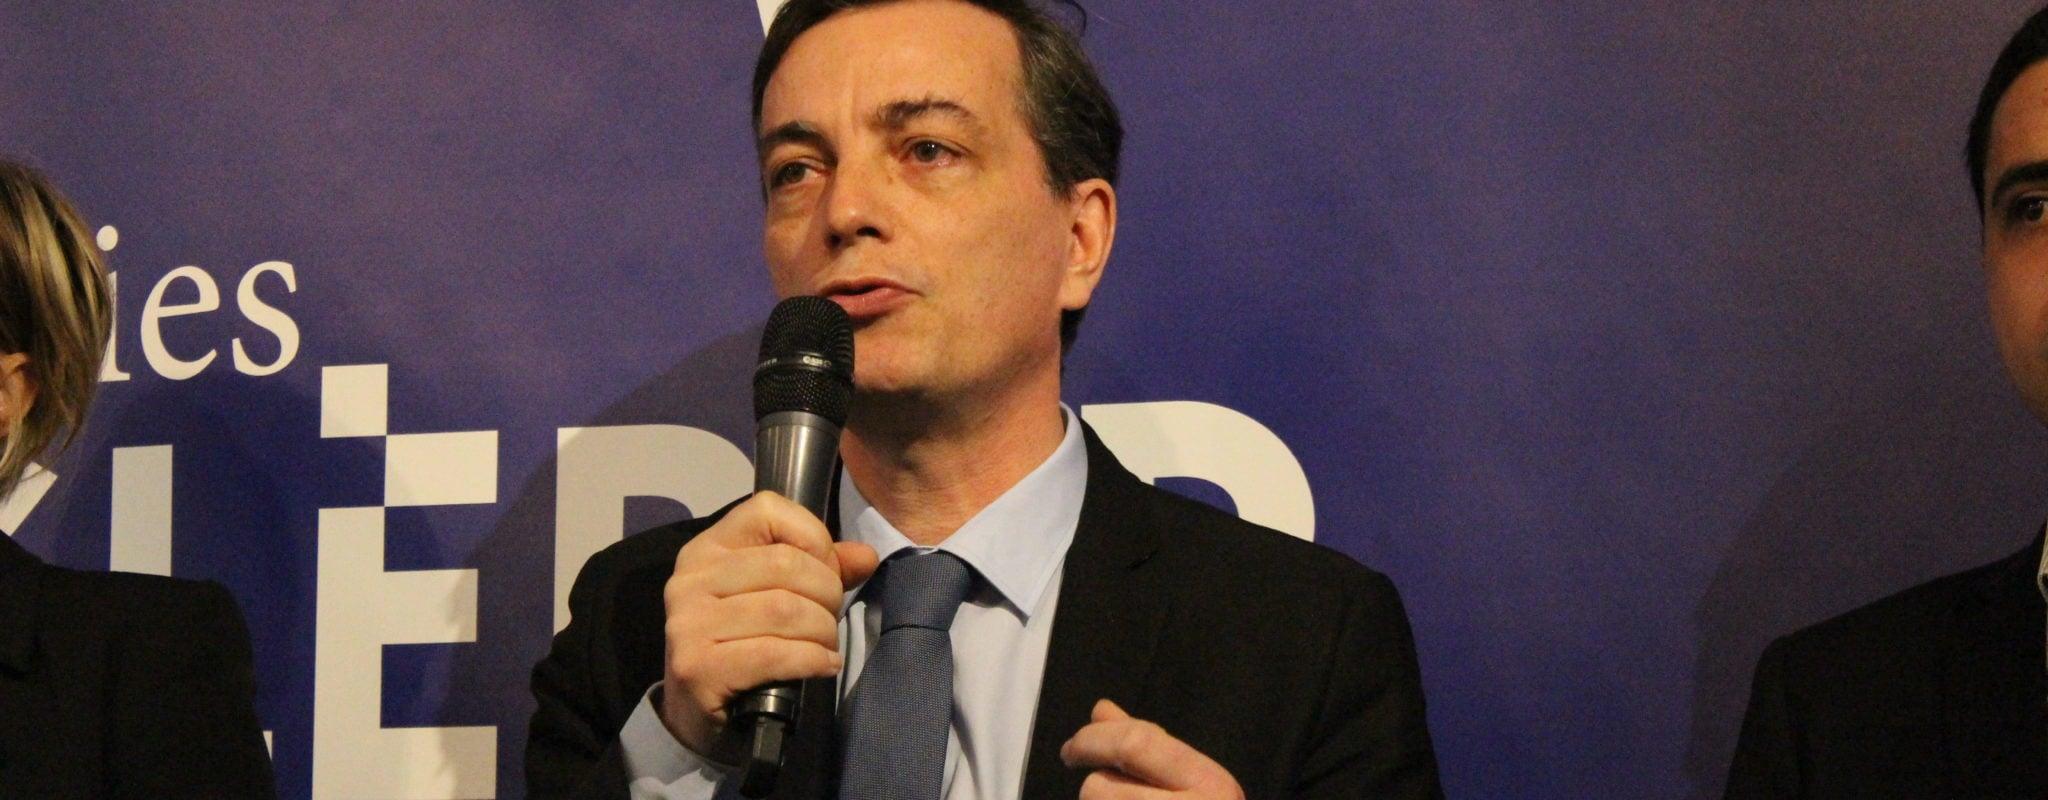 Les candidats et «l'Après»: Alain Fontanel veut éviter une crise des transports en commun